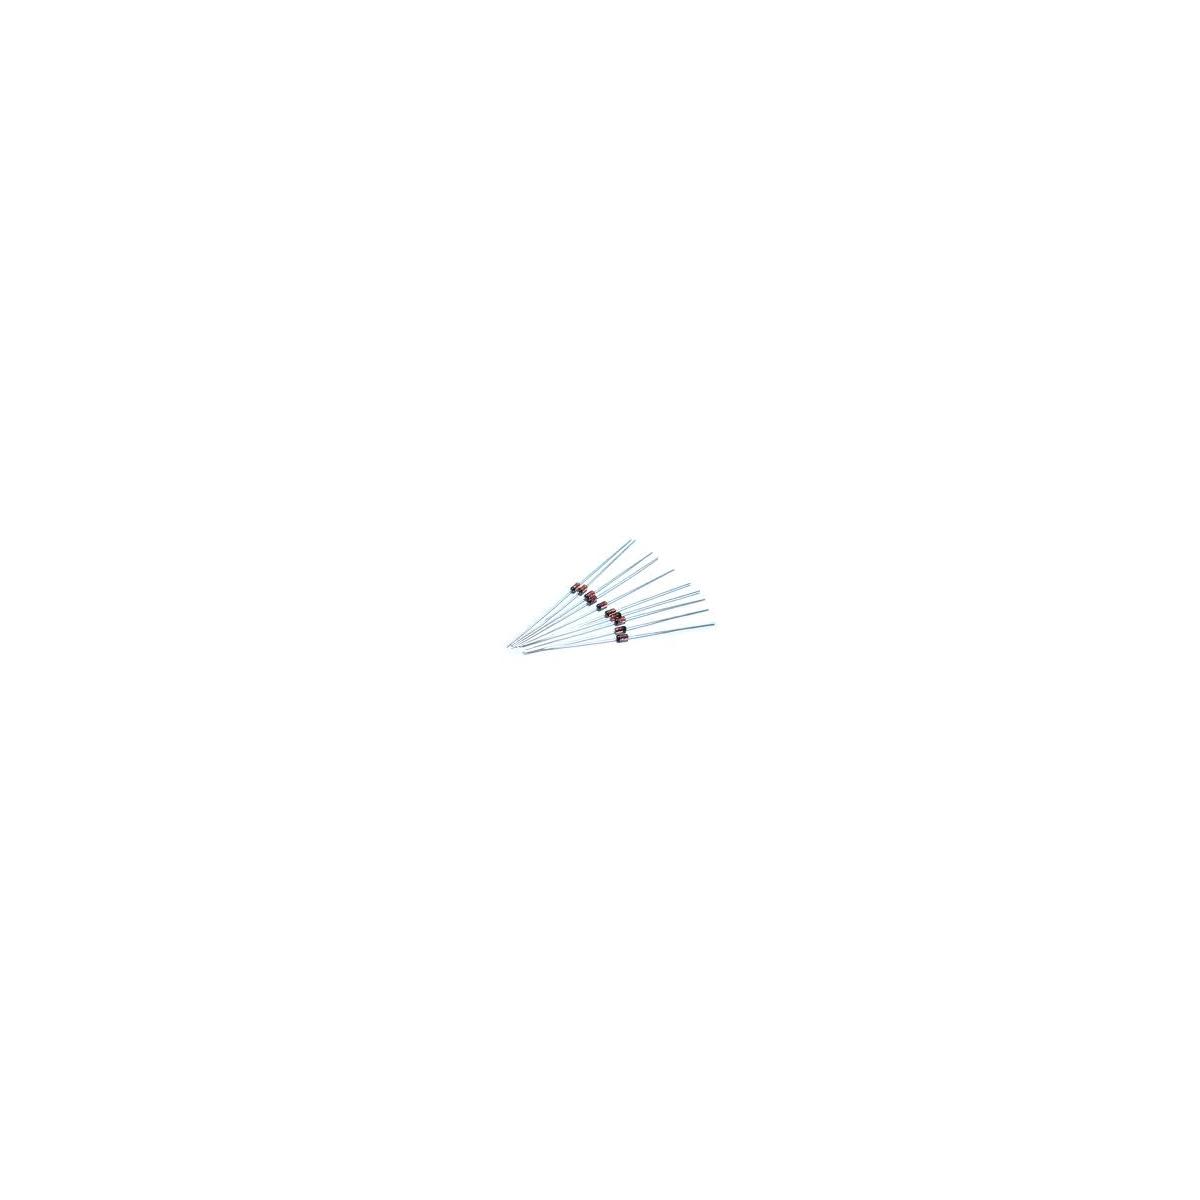 ZENNER 1W (PACOTE COM 10 UNIDADES )-1N 4749 - 24V